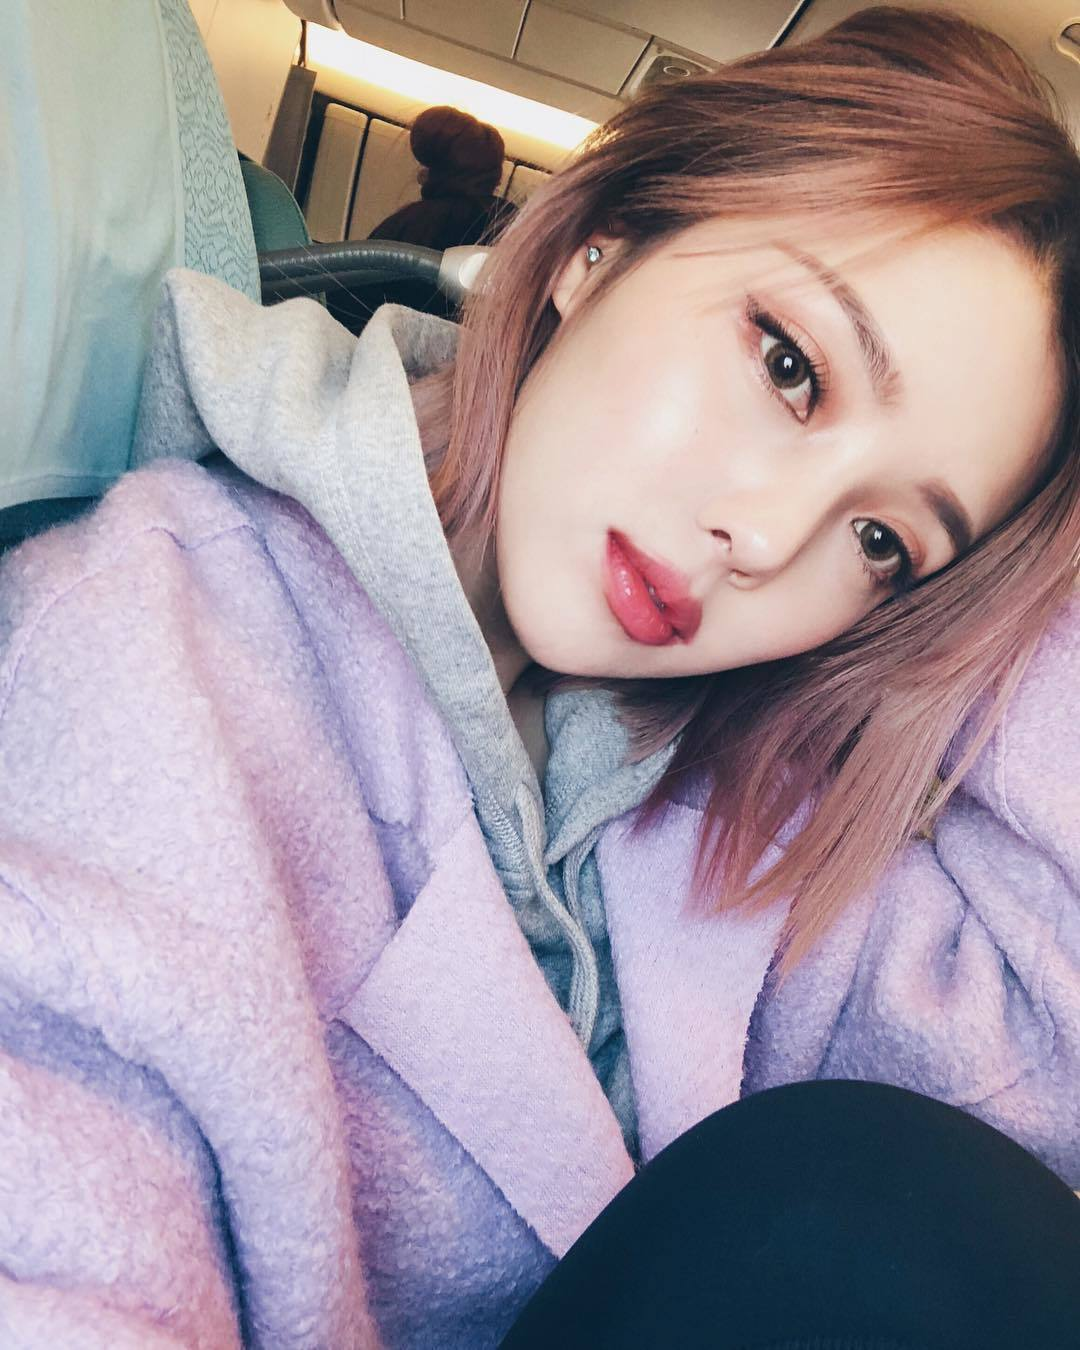 1-xu-huong-son-bong-duoc-du-doan-se-thong-tri-xu-huong-lam-dep-2018